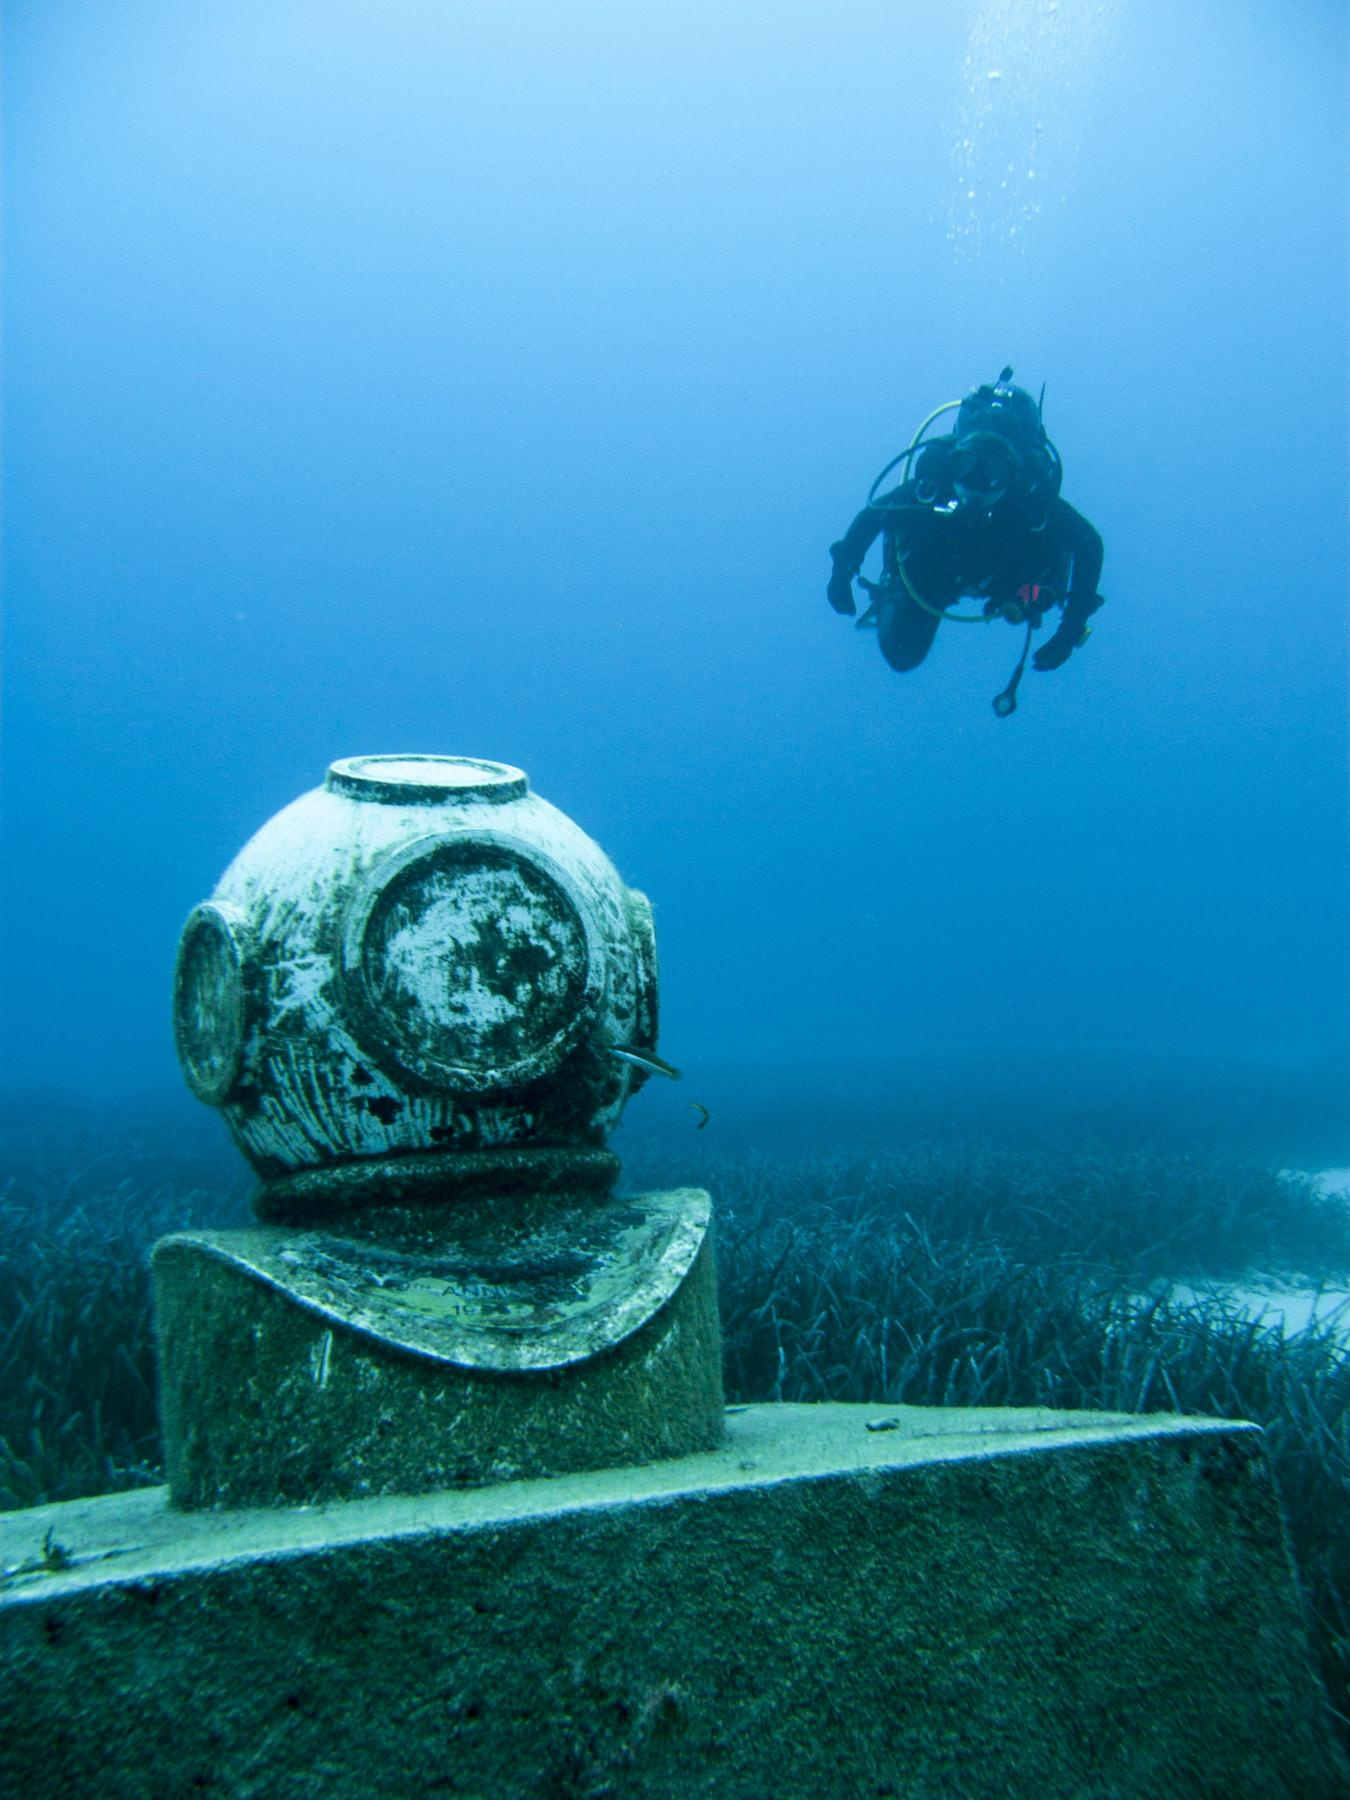 Diving helmet statue